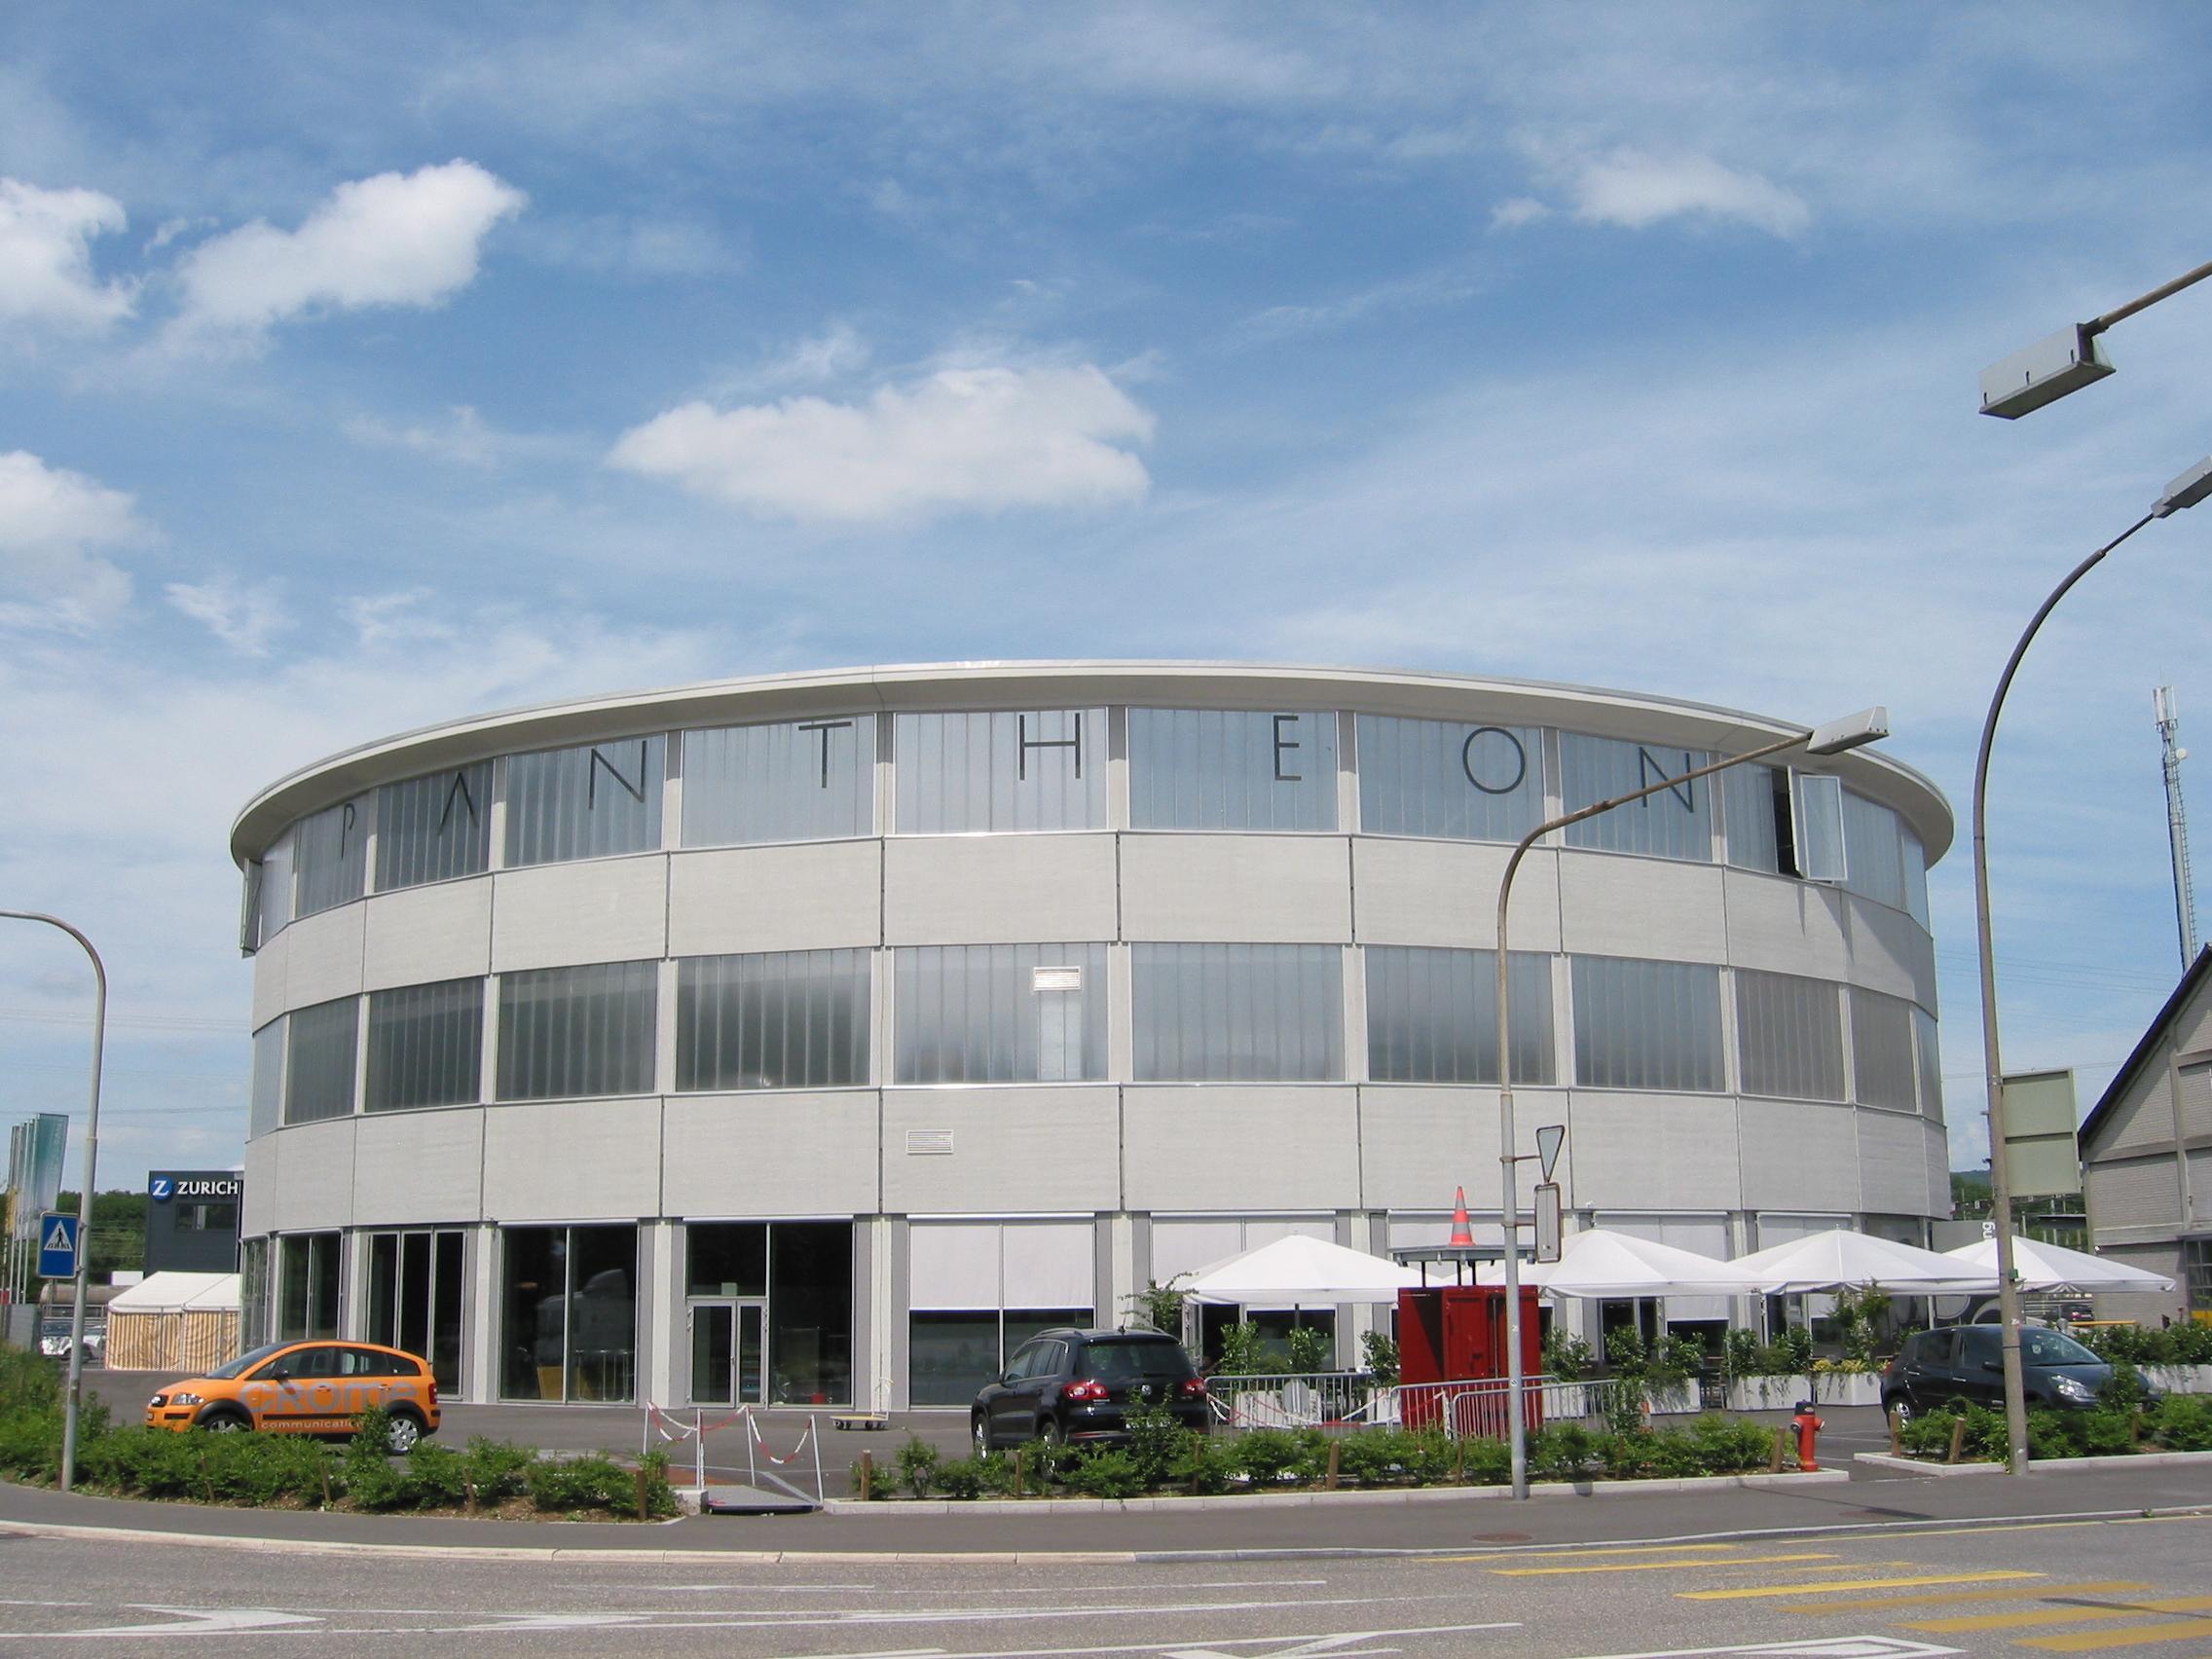 Muttenz Switzerland  city pictures gallery : Datei:Schweiz Muttenz Museumsgebäude – Wikipedia